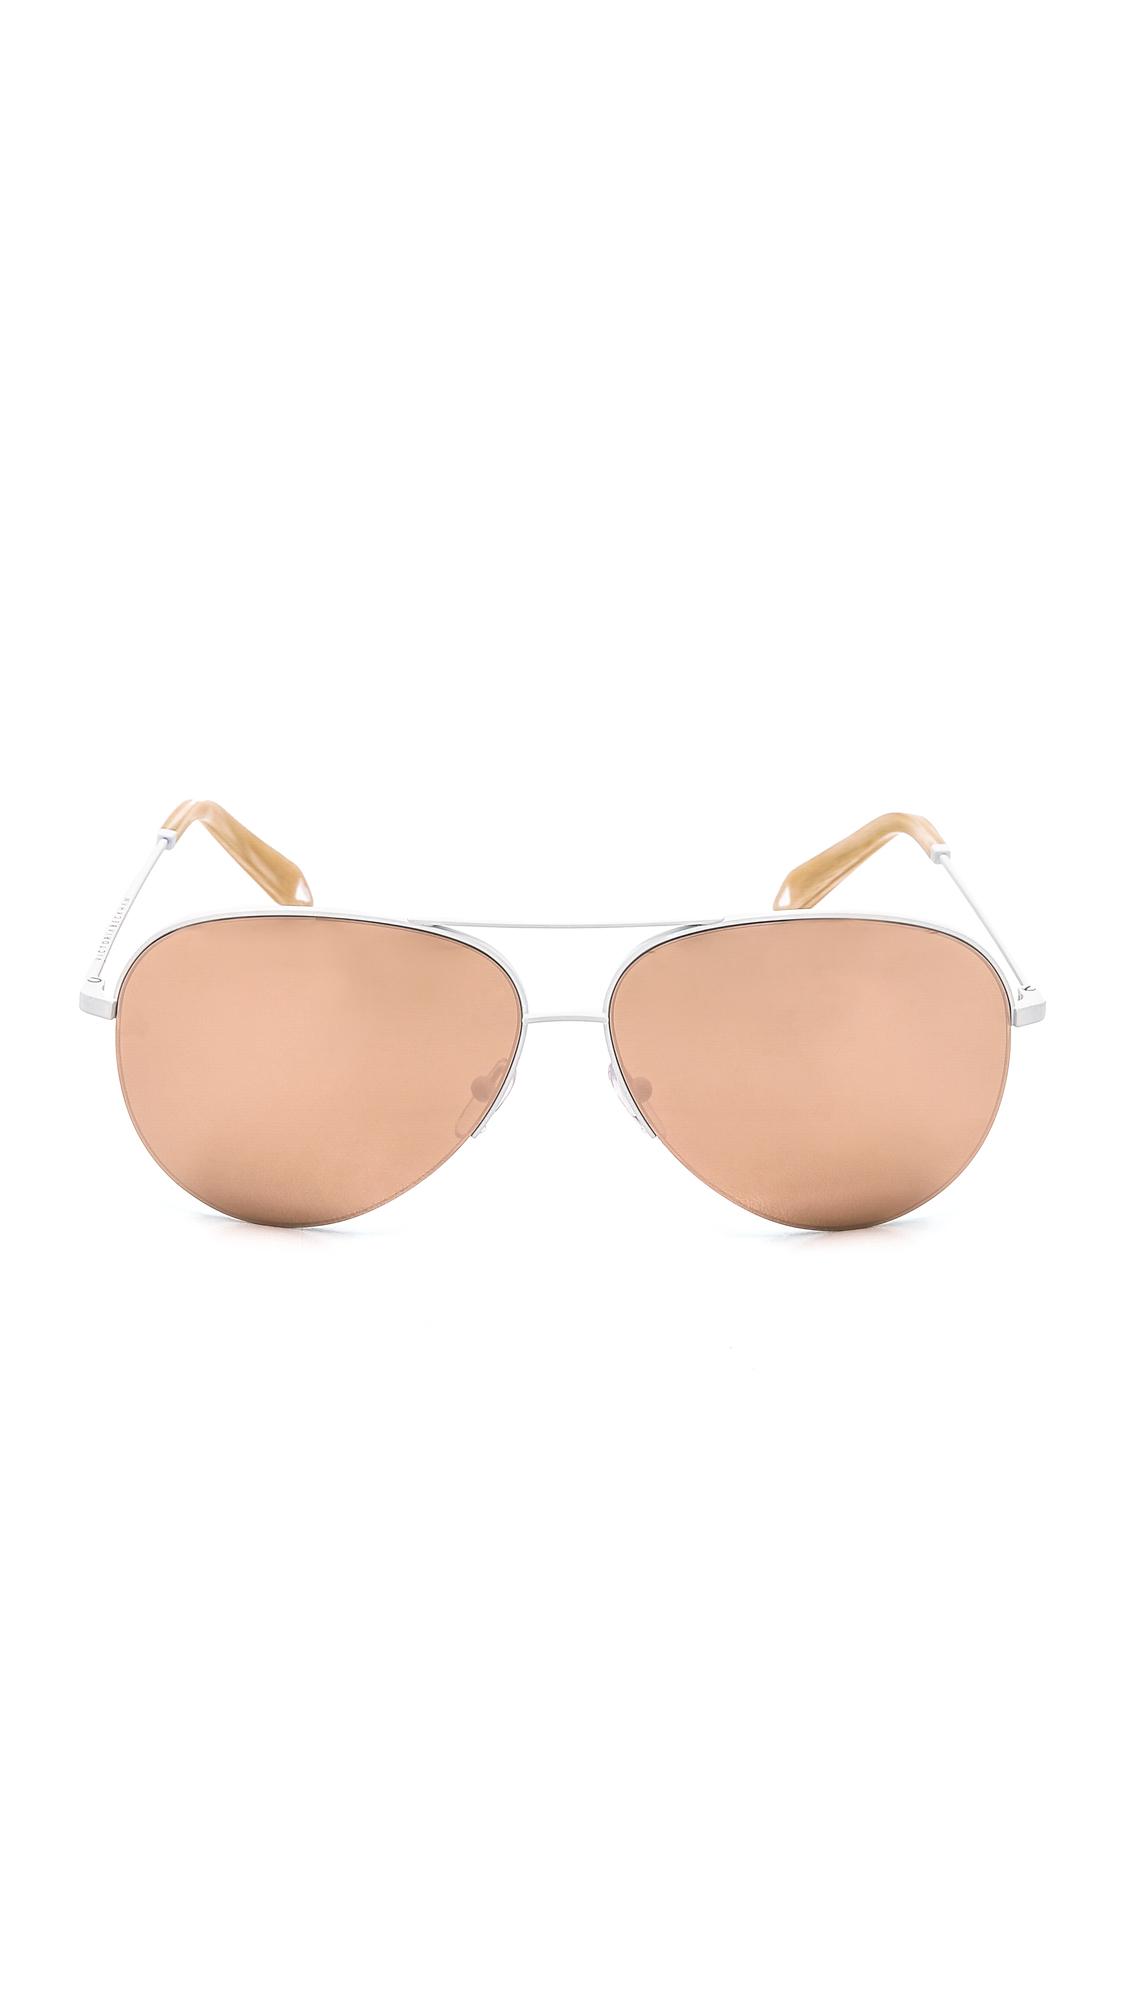 93ac433c6e2 Lyst - Victoria Beckham Classic Aviator Sunglasses in Pink